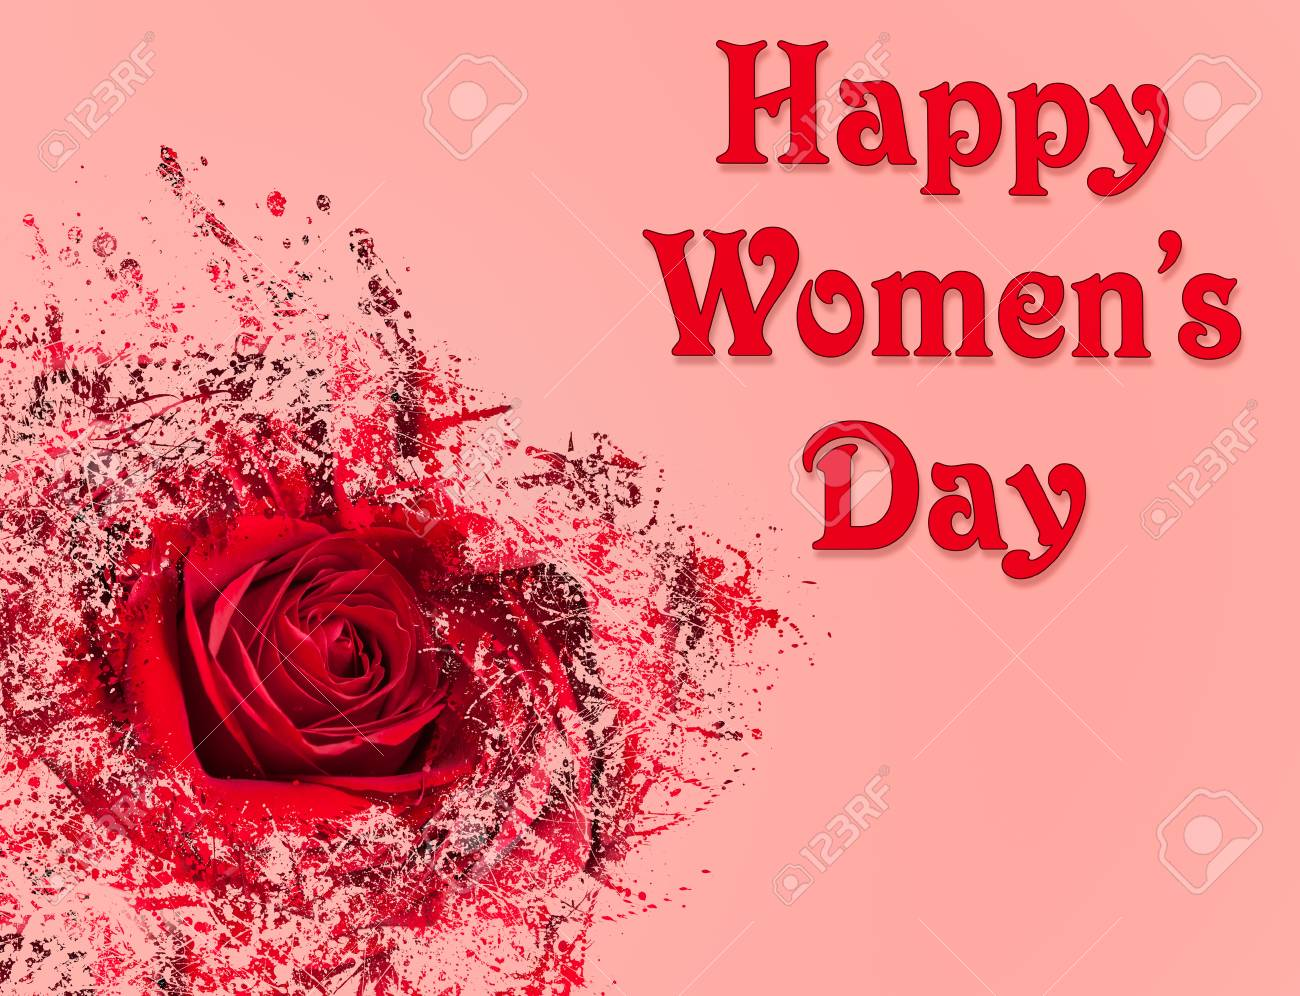 Bonne Fête Des Femmes Ou Journée Internationale Des Femmes Célébrée Le 8 Mars Image De Fond Rose Avec Rose Rouge Et Motif Abstrait Banque D Images Et Photos Libres De Droits Image 74659593